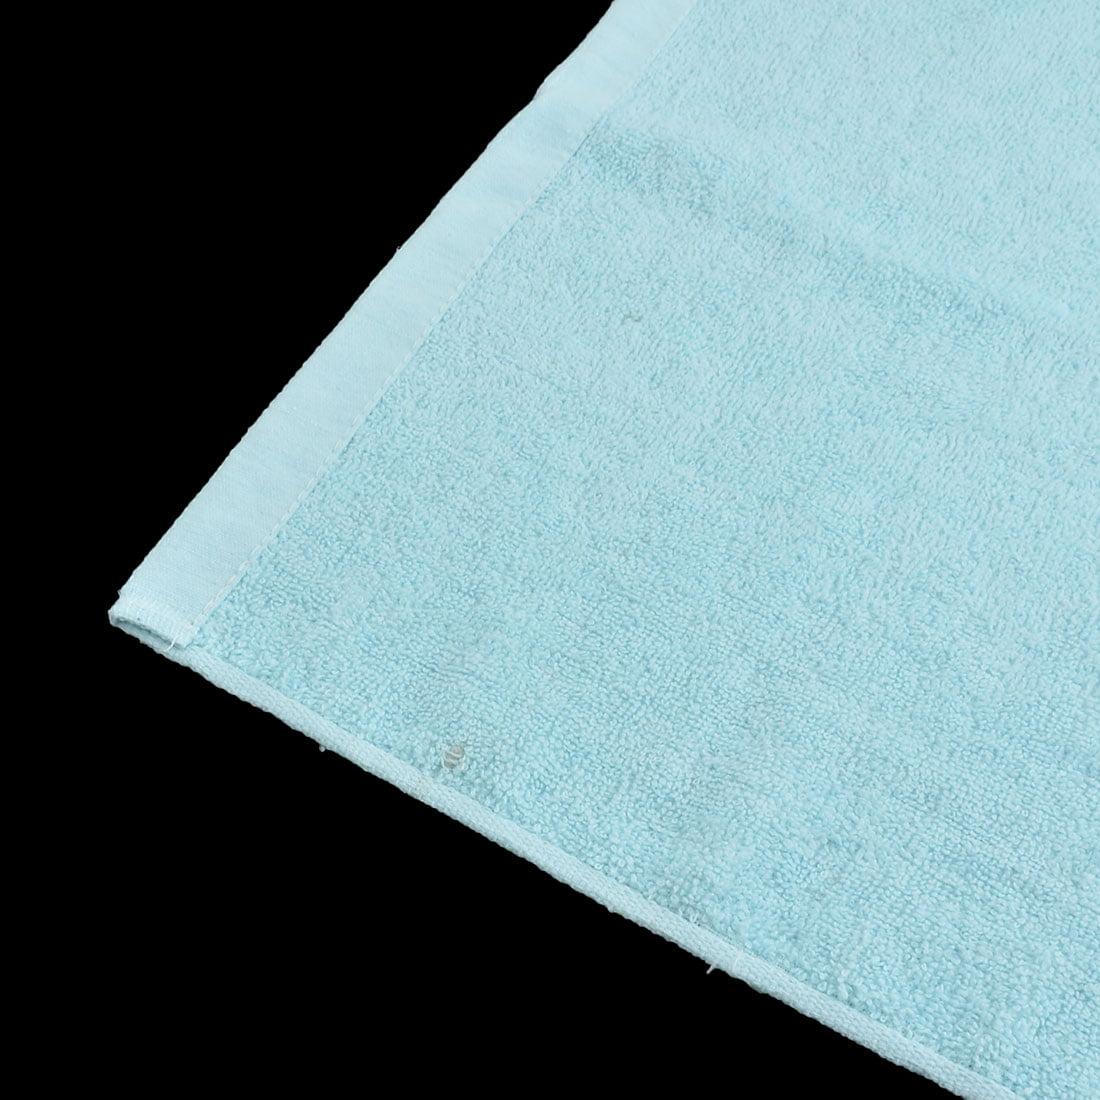 KUTTO Authorized Home Hotel Cotton Blends Dry Bath Towel Sky Blue 140 x 70cm - image 1 de 4